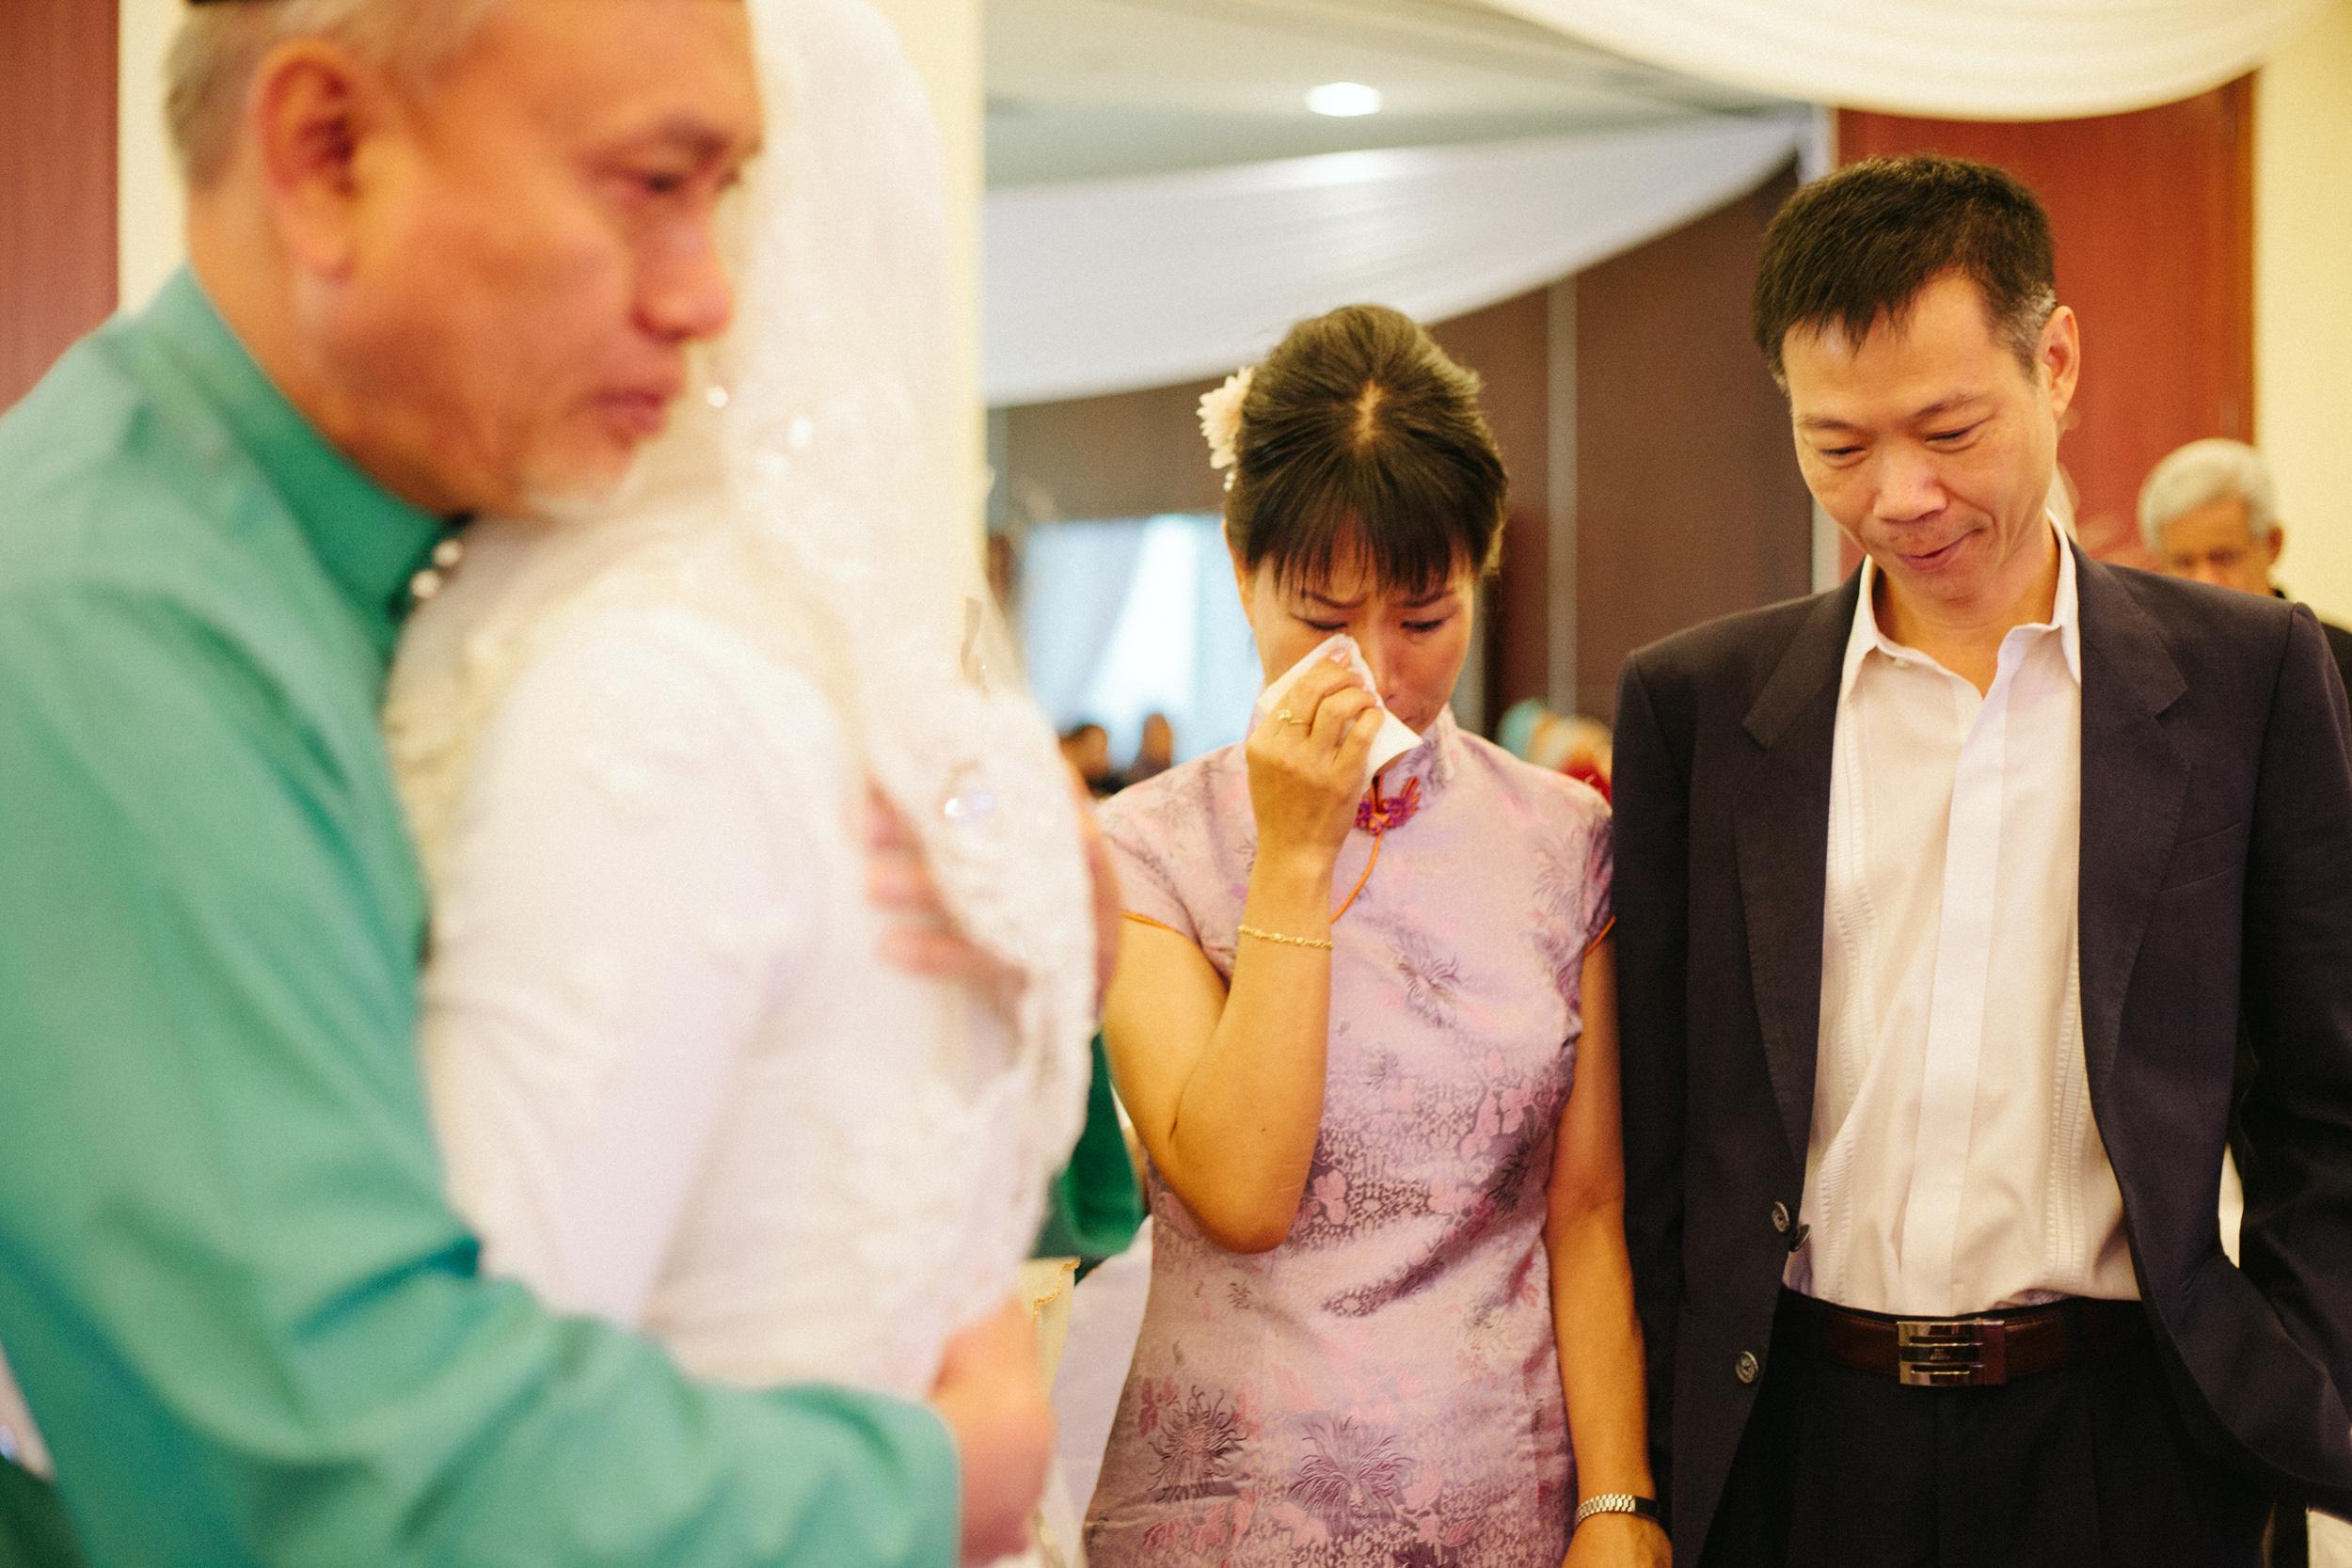 singapore-wedding-photographer-wemadethese-shikin-yanho-029.jpg